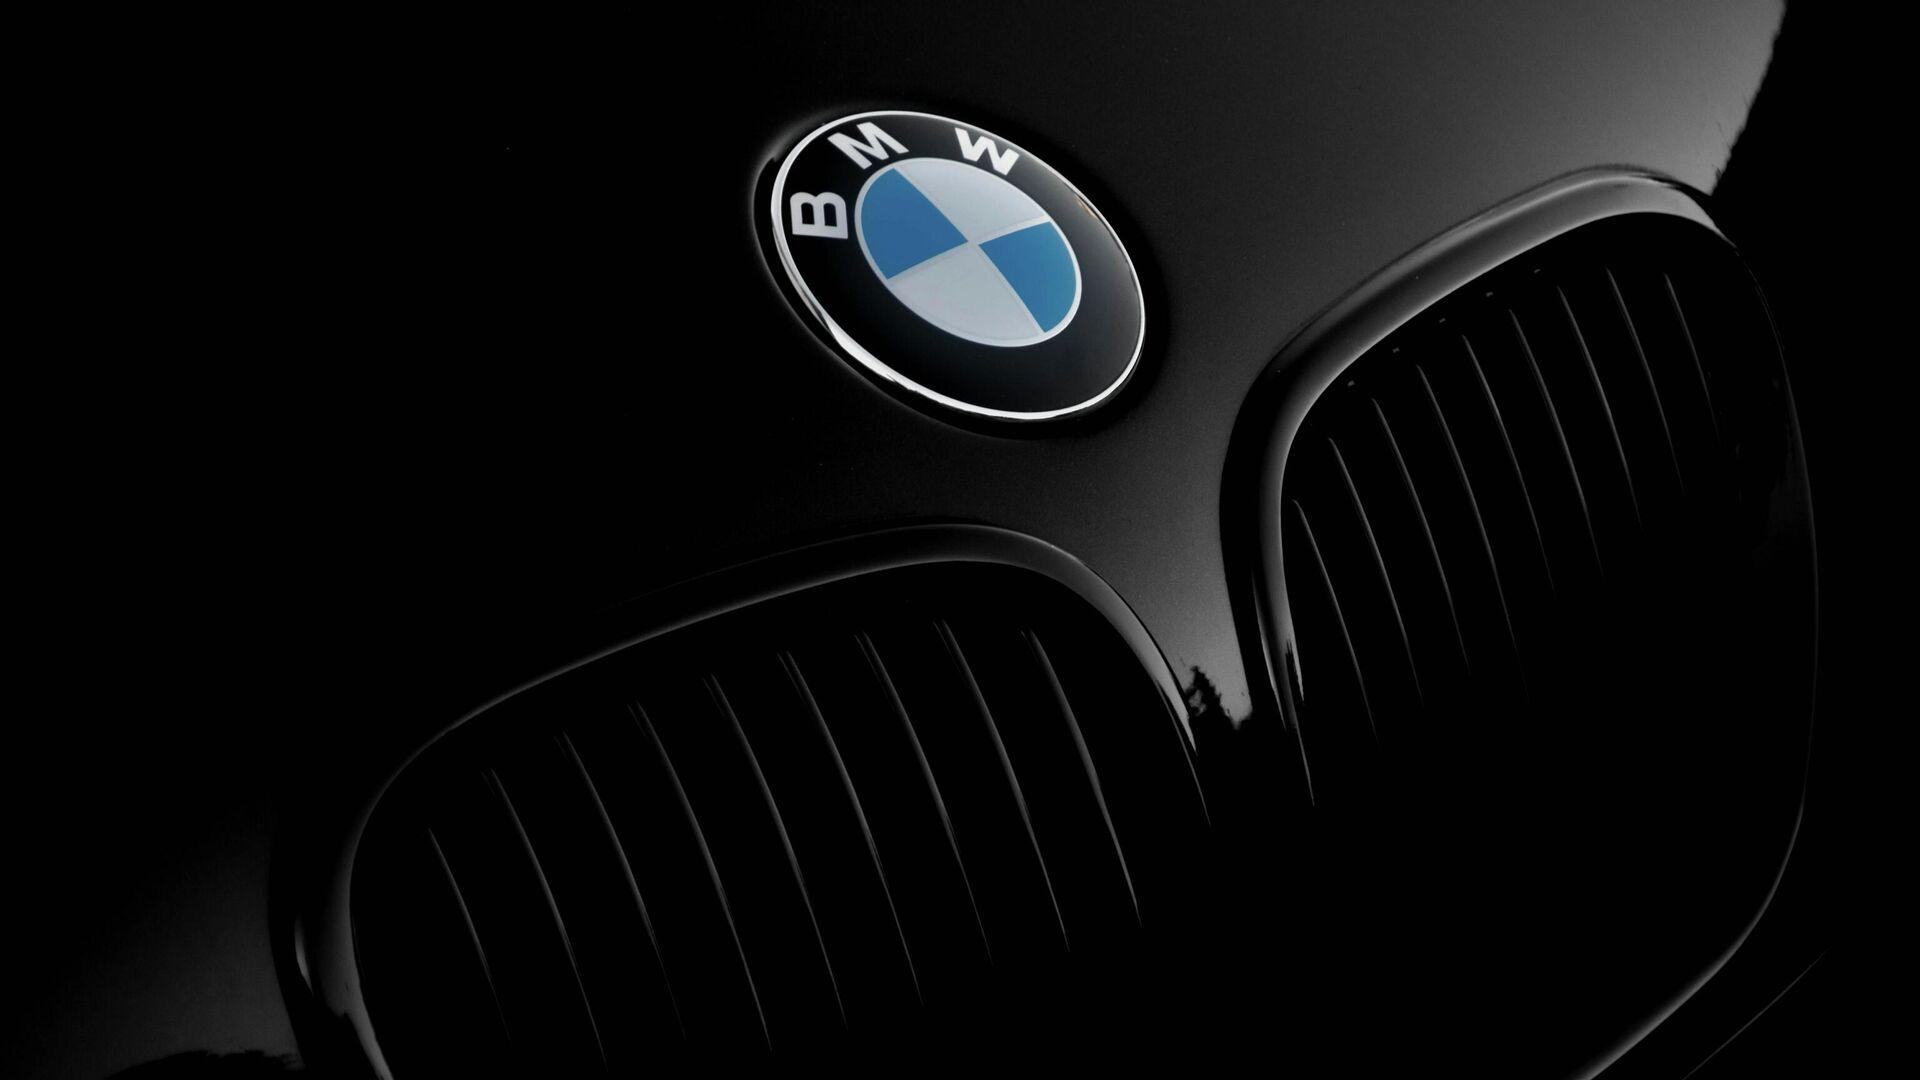 El logo de BMW en la parte delantera de un automóvil de la marca - Sputnik Mundo, 1920, 23.09.2021